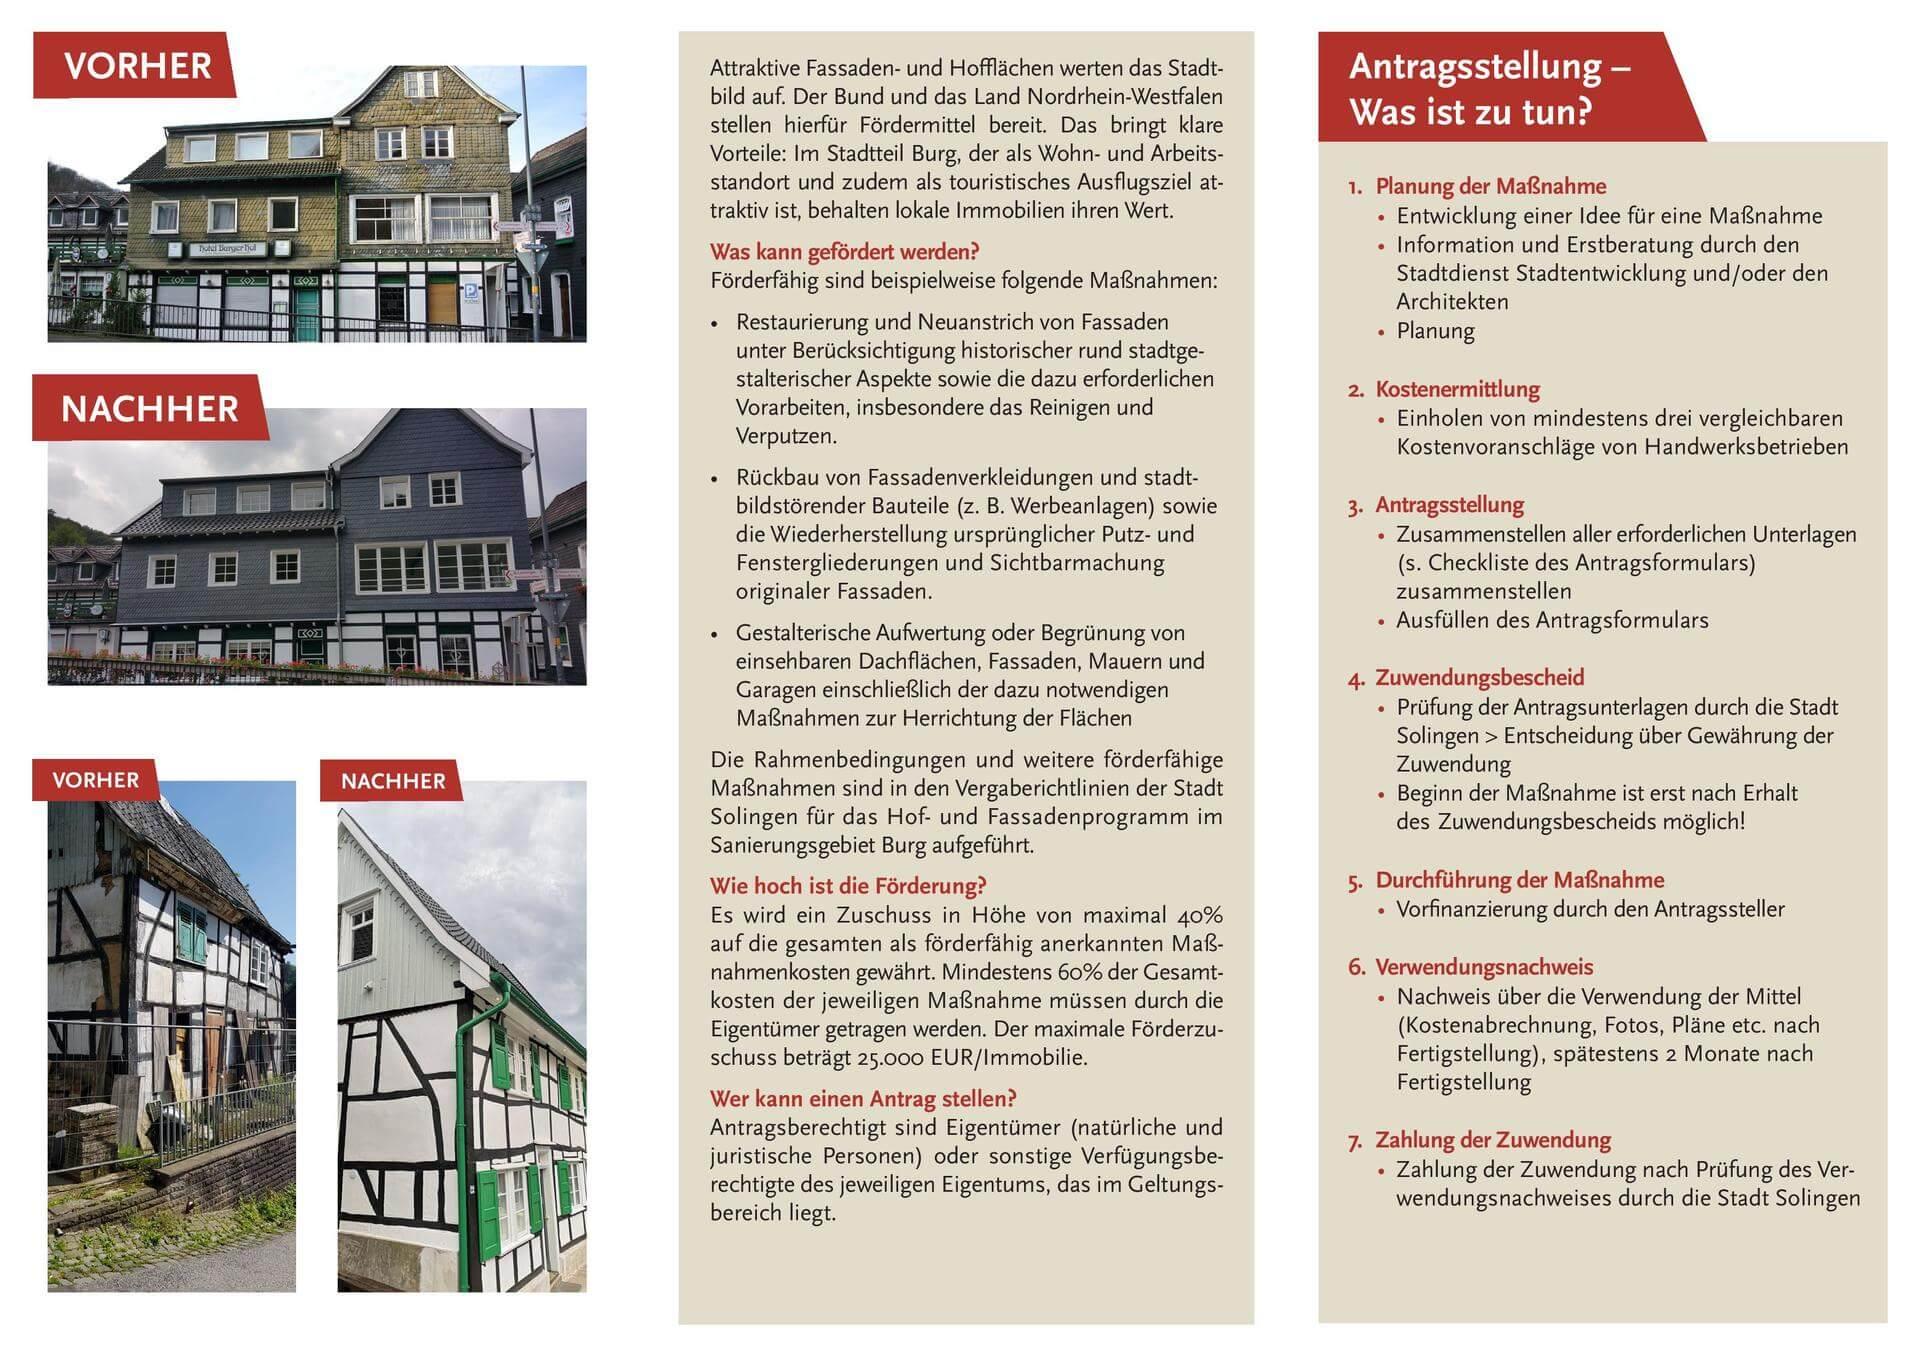 Flyer Hof-und Fassadenprogramm Oberburg und Unterburg Rückseite